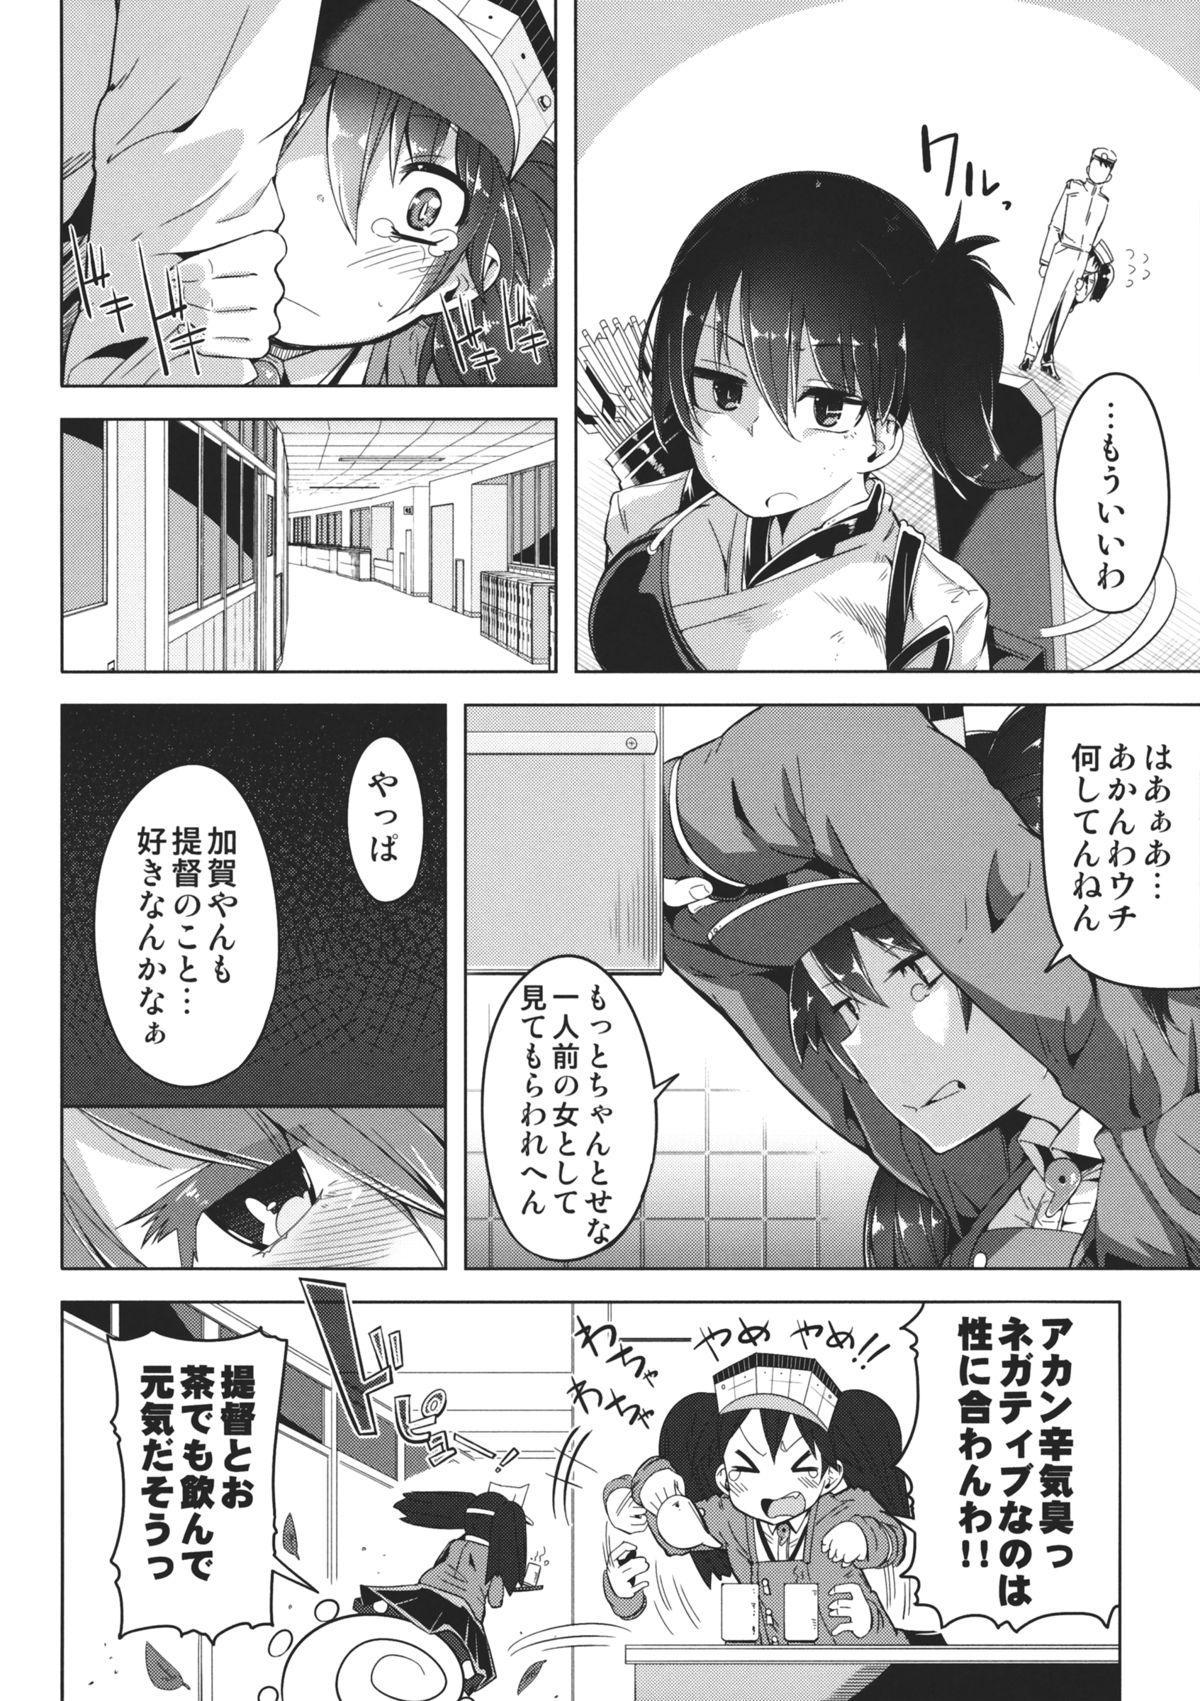 Koi suru Otome no Miryoku wa Mune dake janai. 4